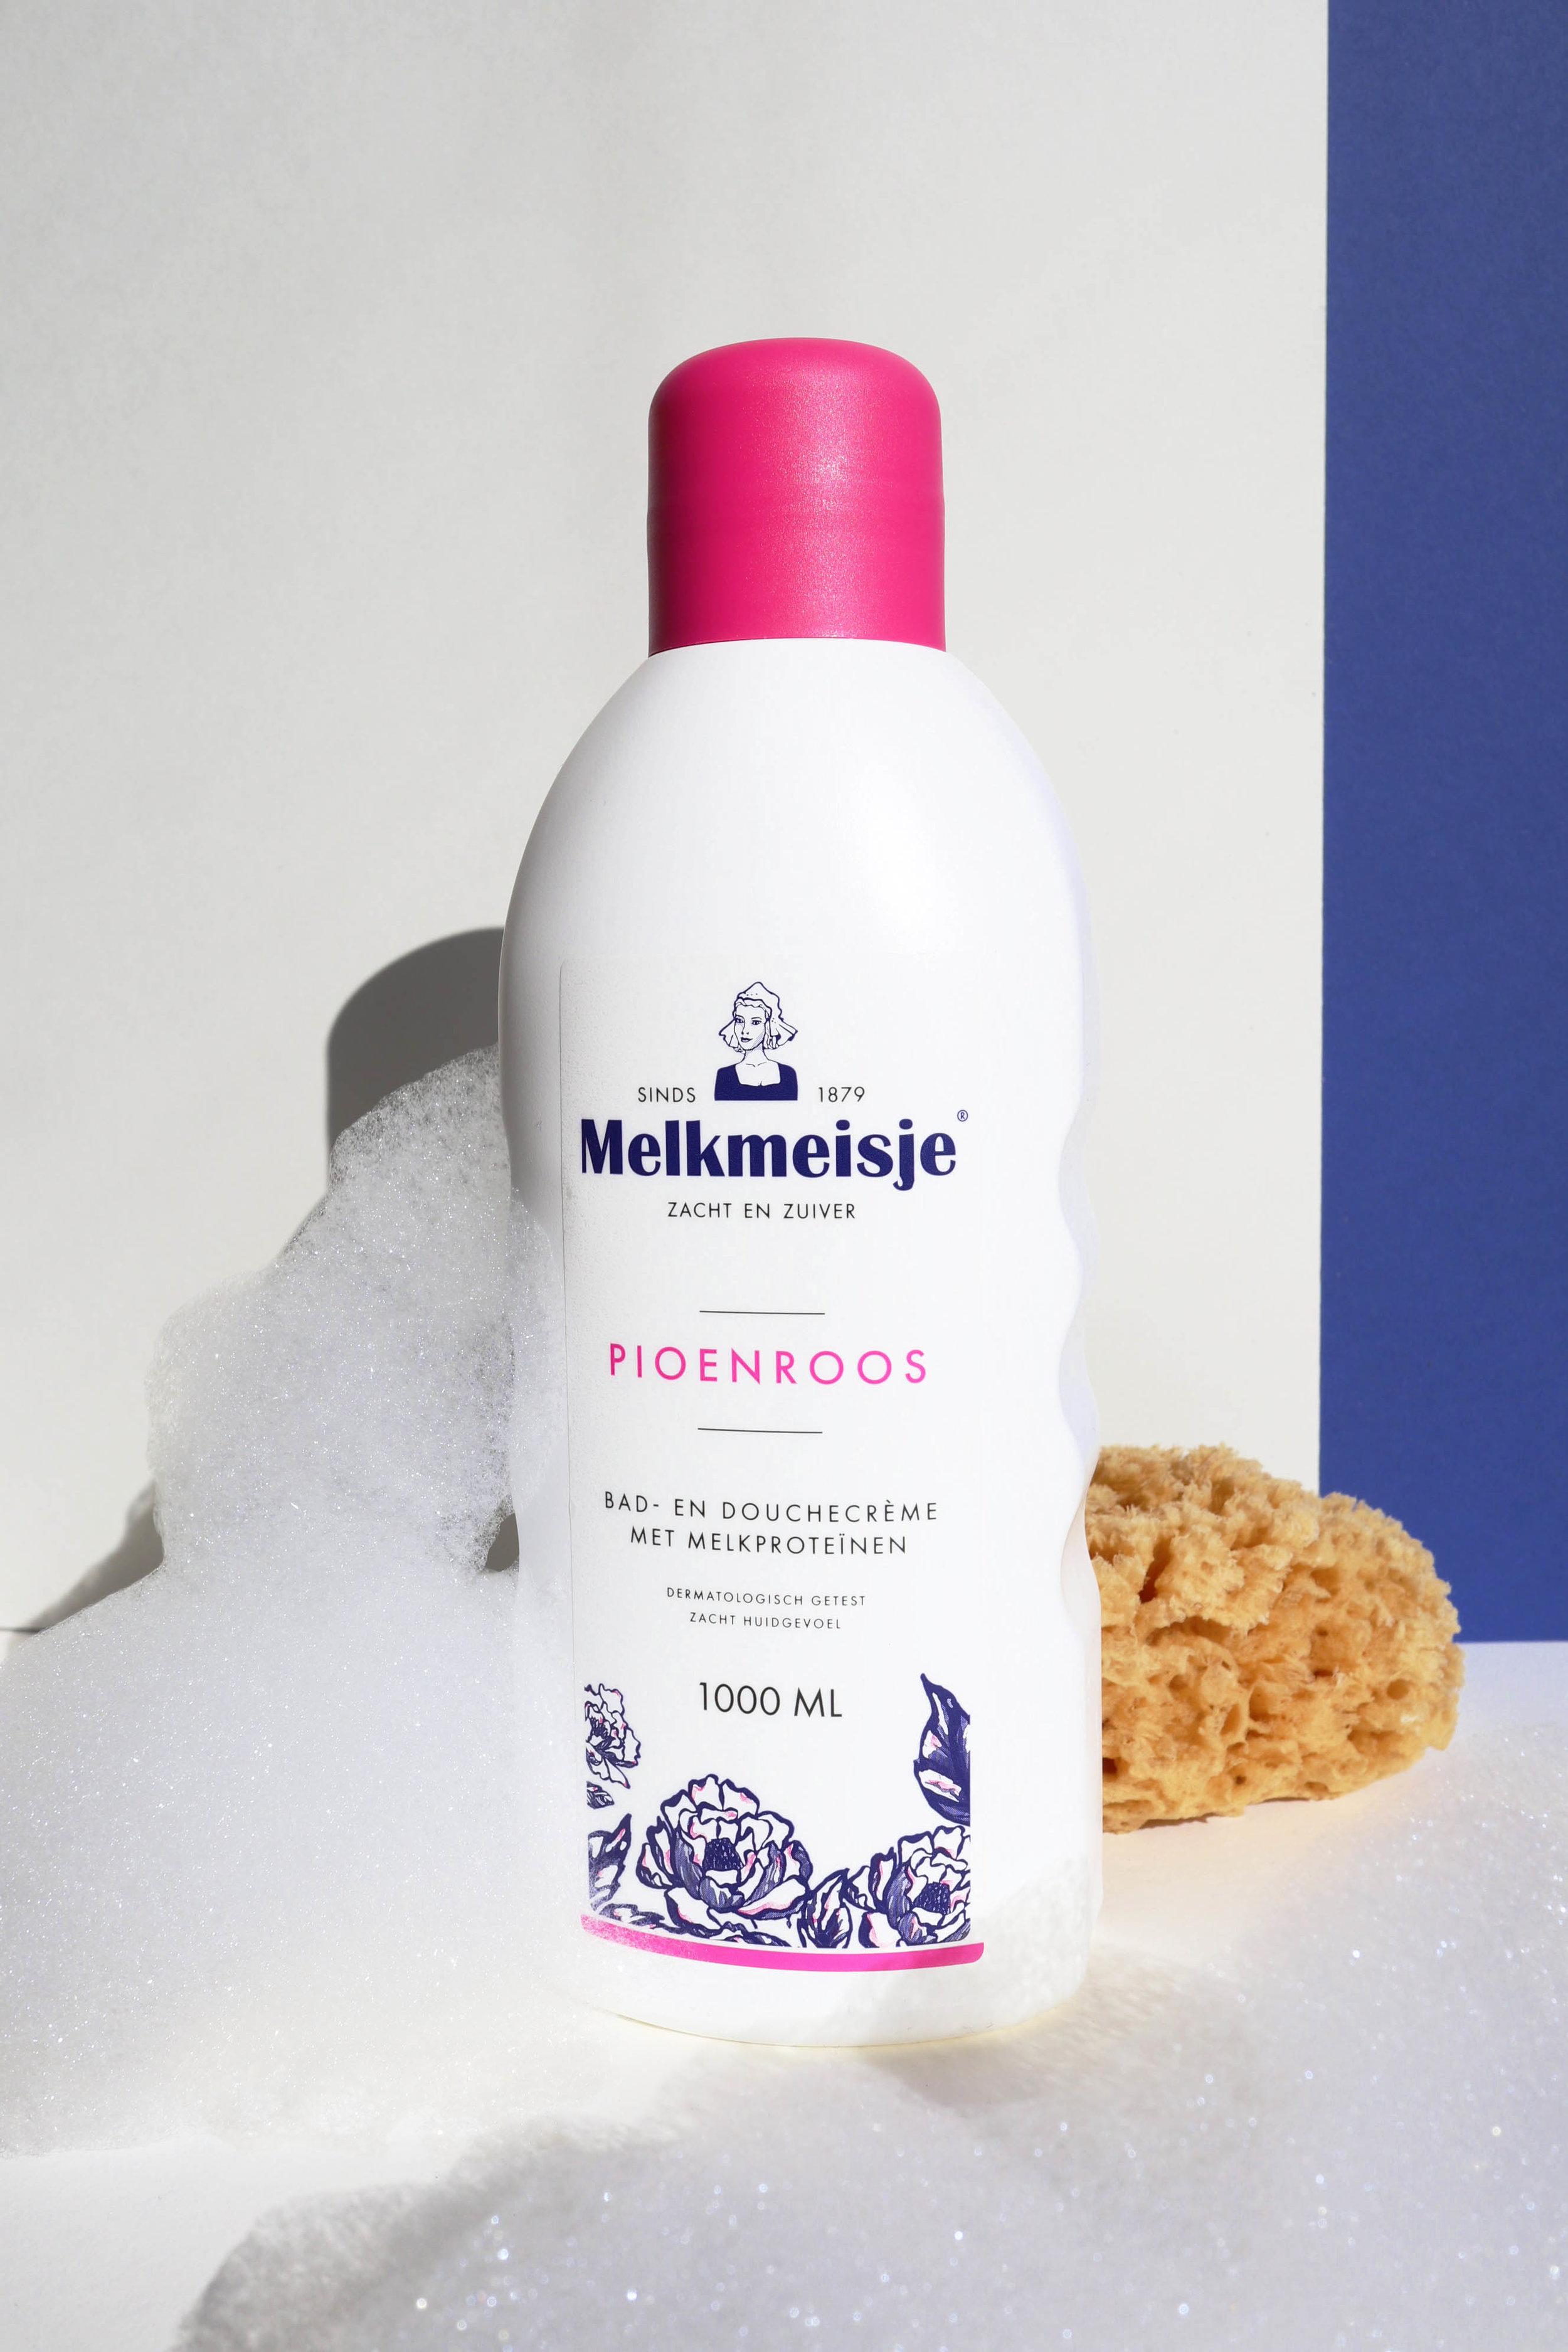 melkmeisje-pioenroos-marketing-schmarketing-packaging-design.jpg